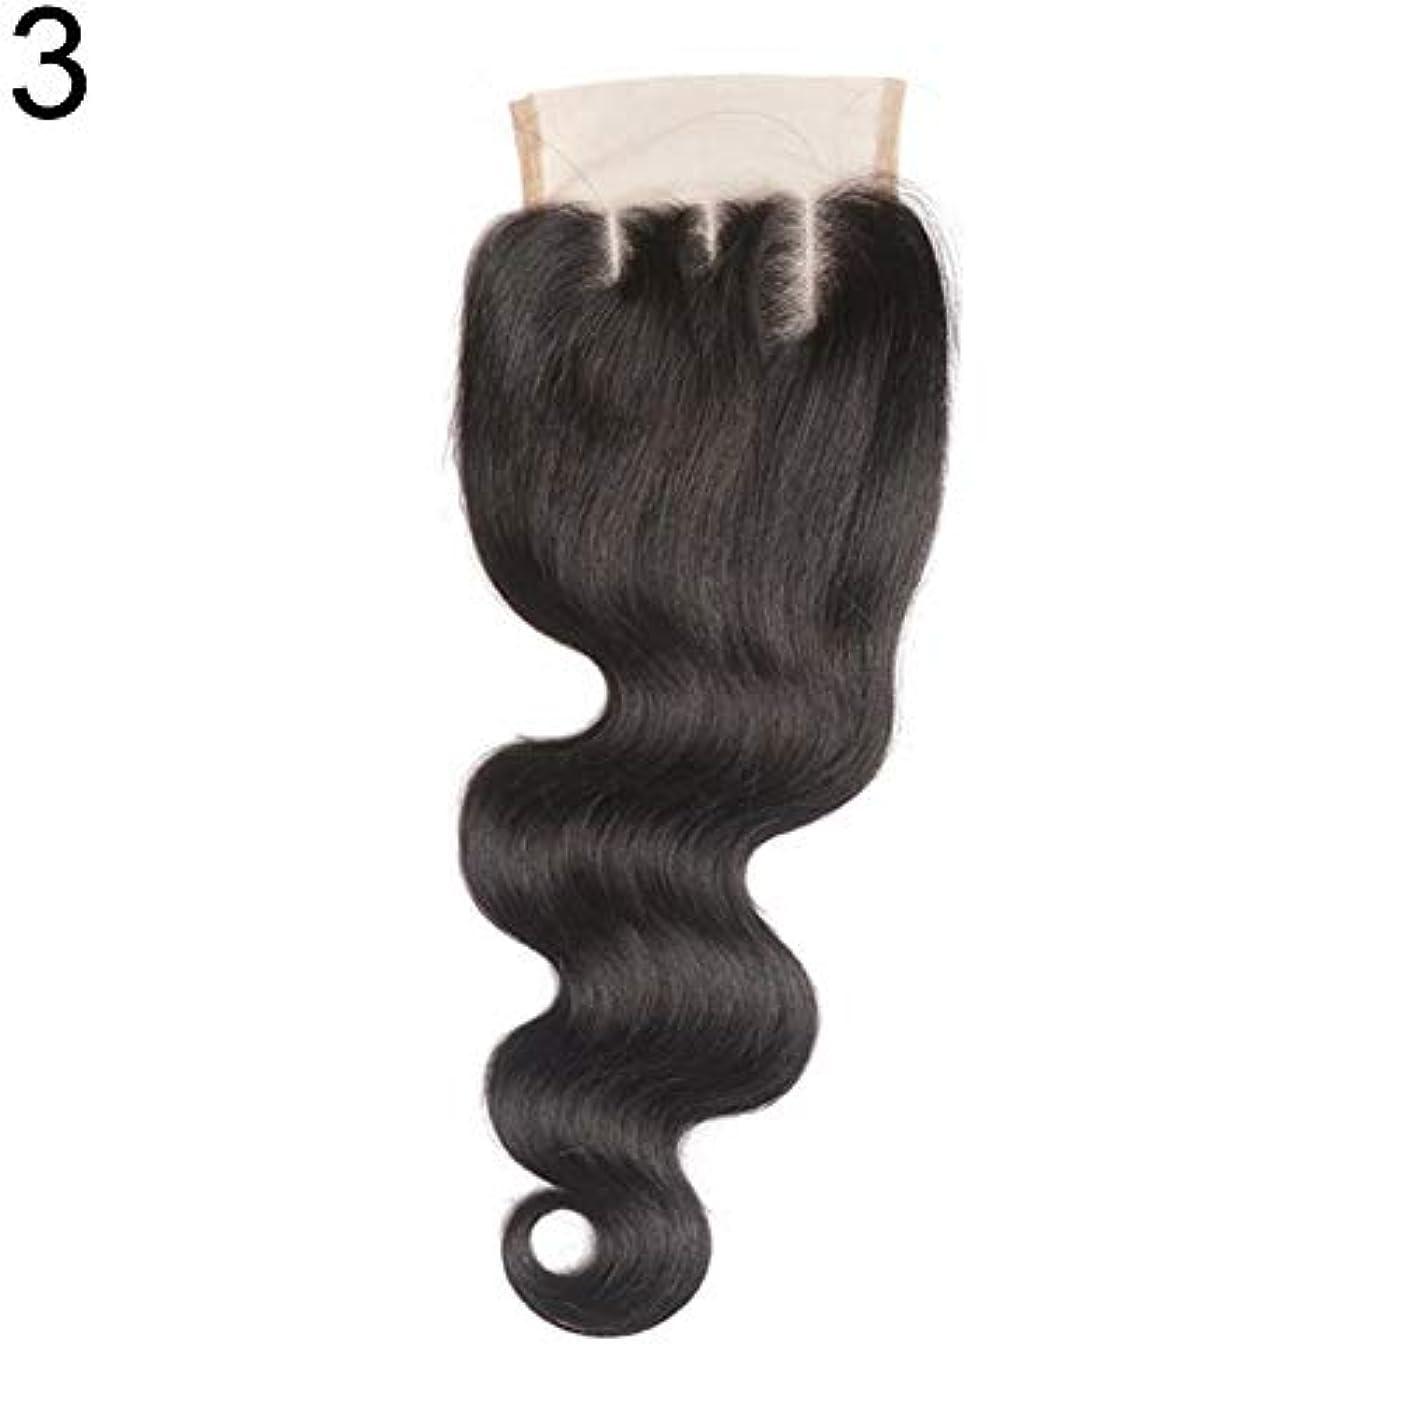 現実には消費者腫瘍slQinjiansav女性ウィッグ修理ツールブラジルのミドル/フリー/3部人間の髪のレース閉鎖ウィッグ黒ヘアピース